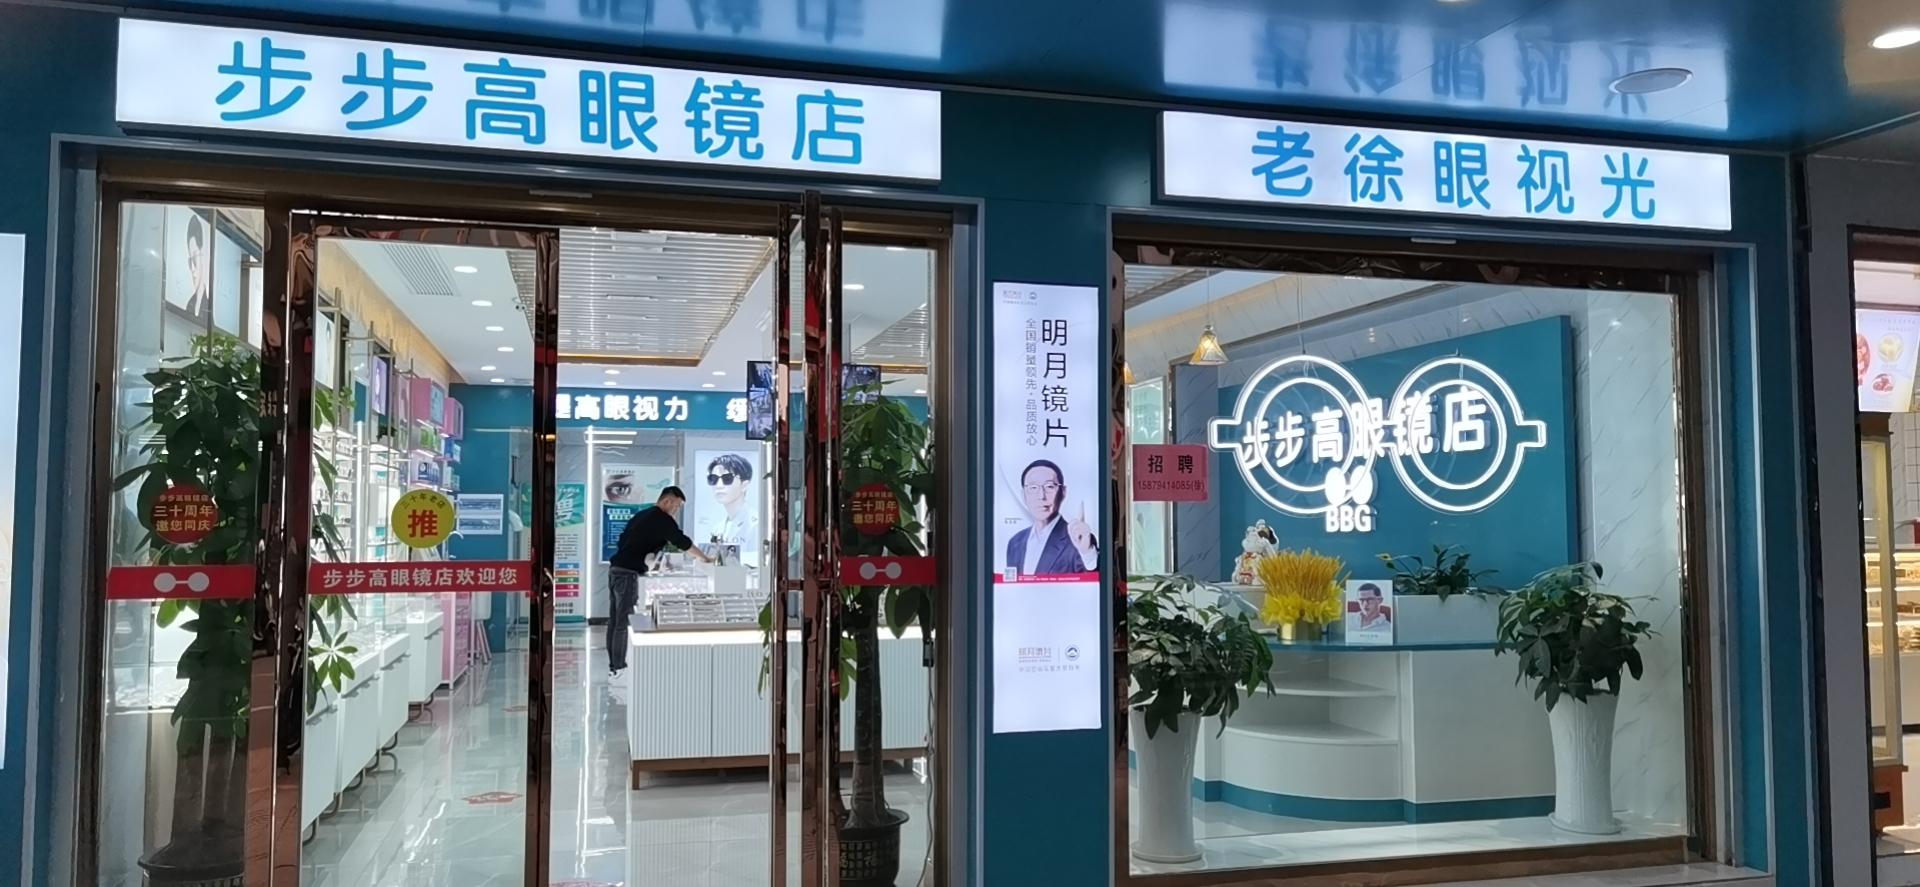 吉安县步步高眼镜店